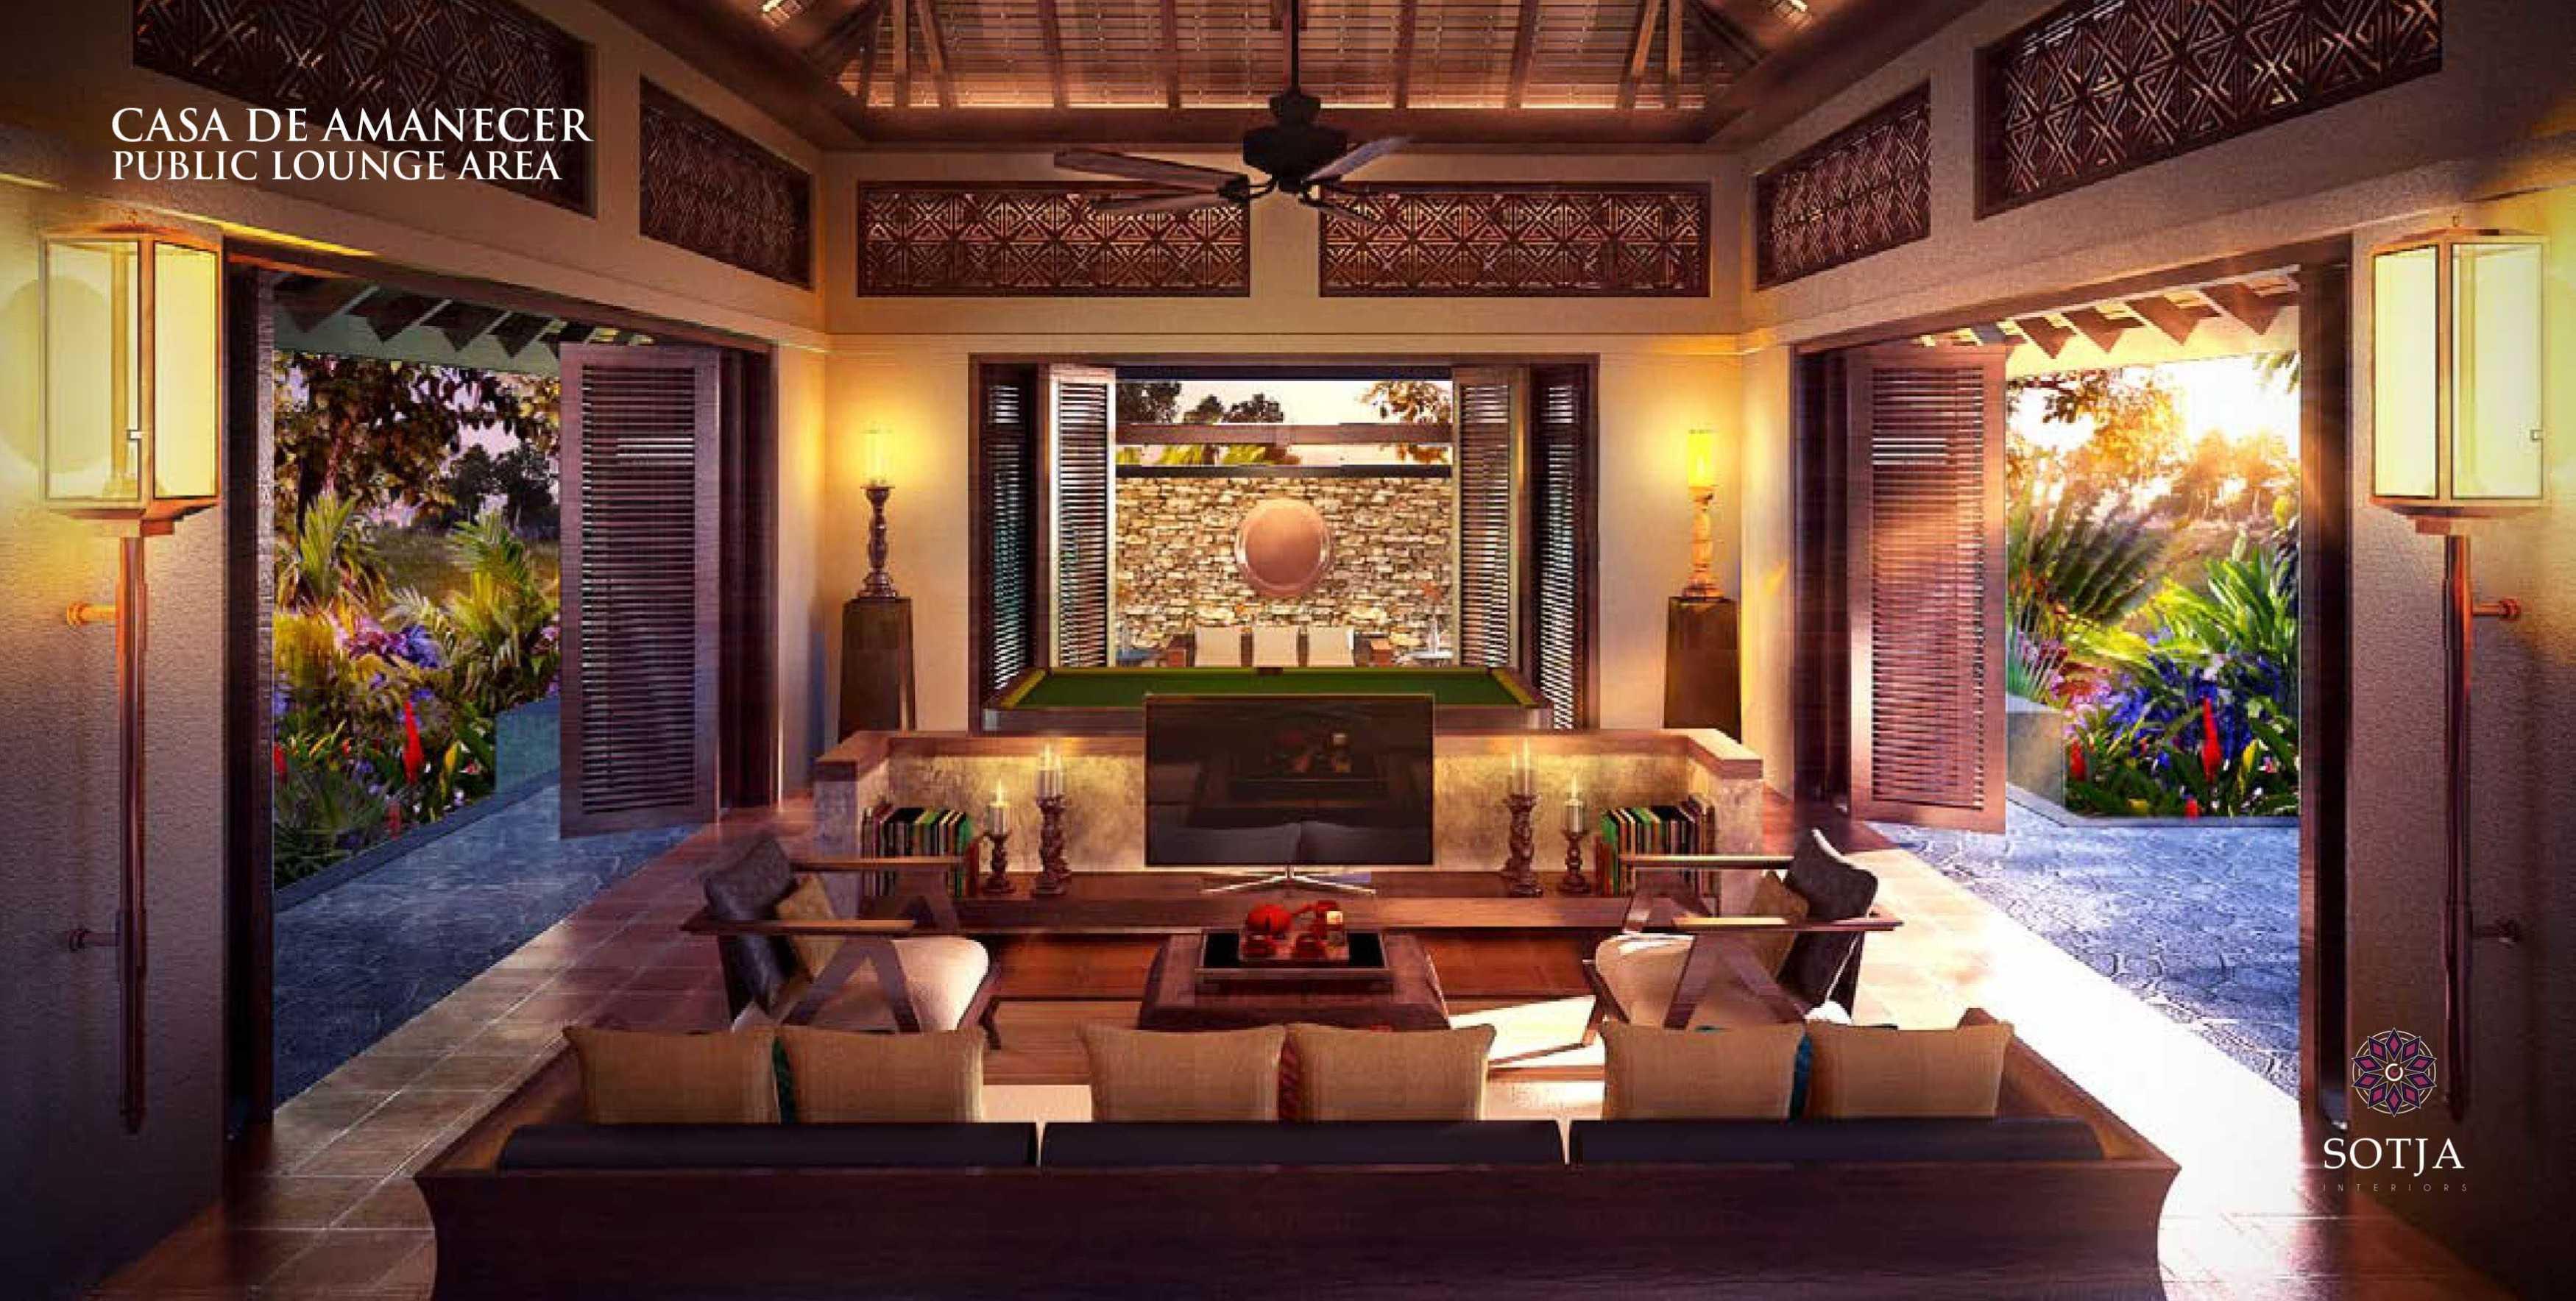 Sotja Interiors Casa De Amanecer Bocal Del Toro, Panama Bocal Del Toro, Panama Public-Lounge-Area   8709